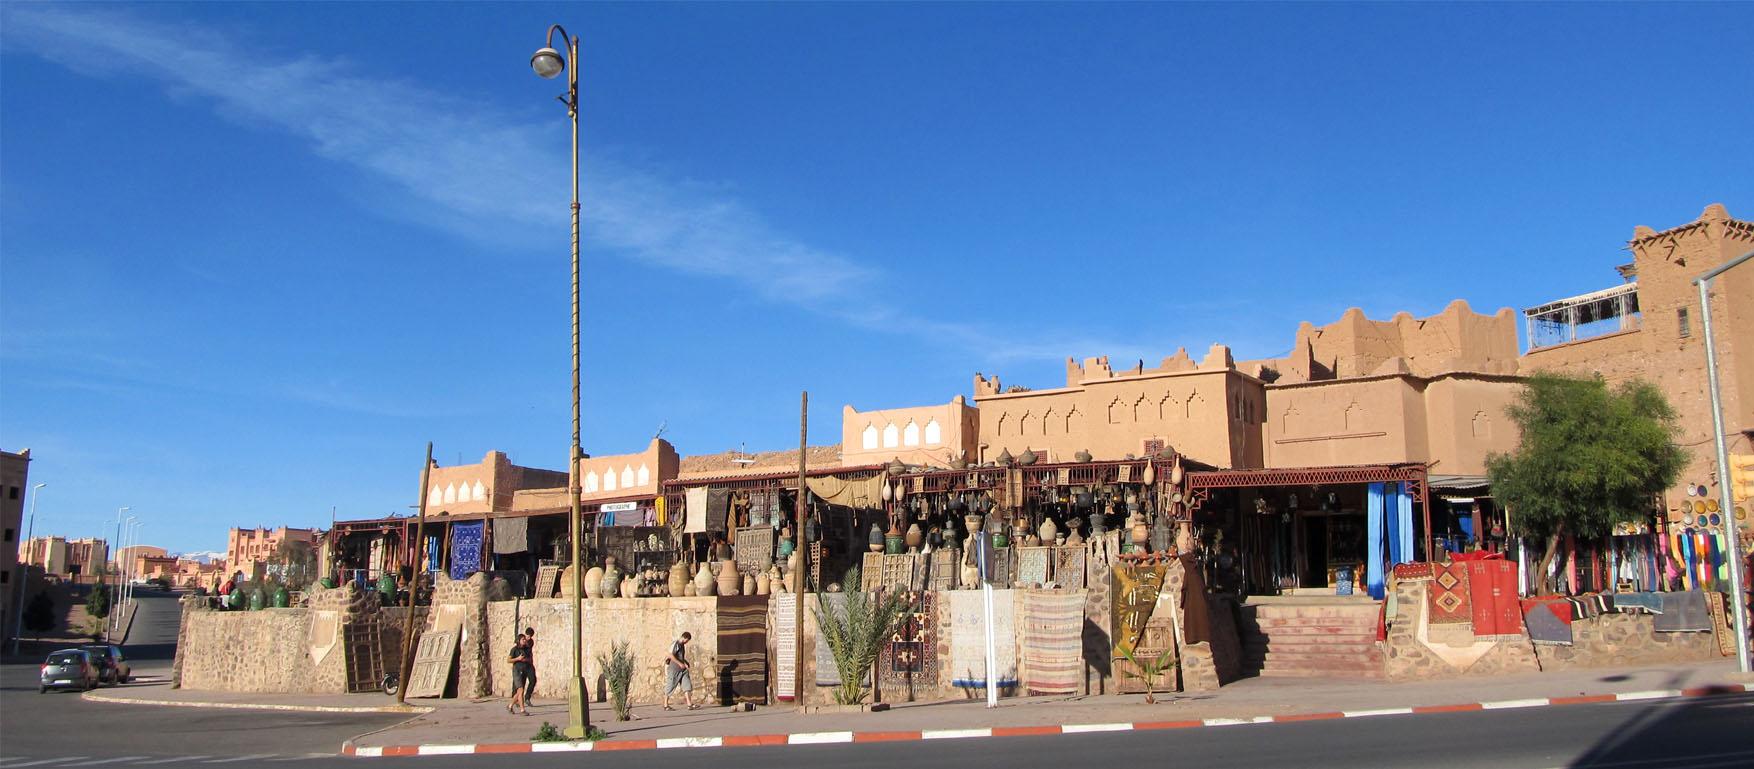 35 maroko ouarzazate kazba pijaca